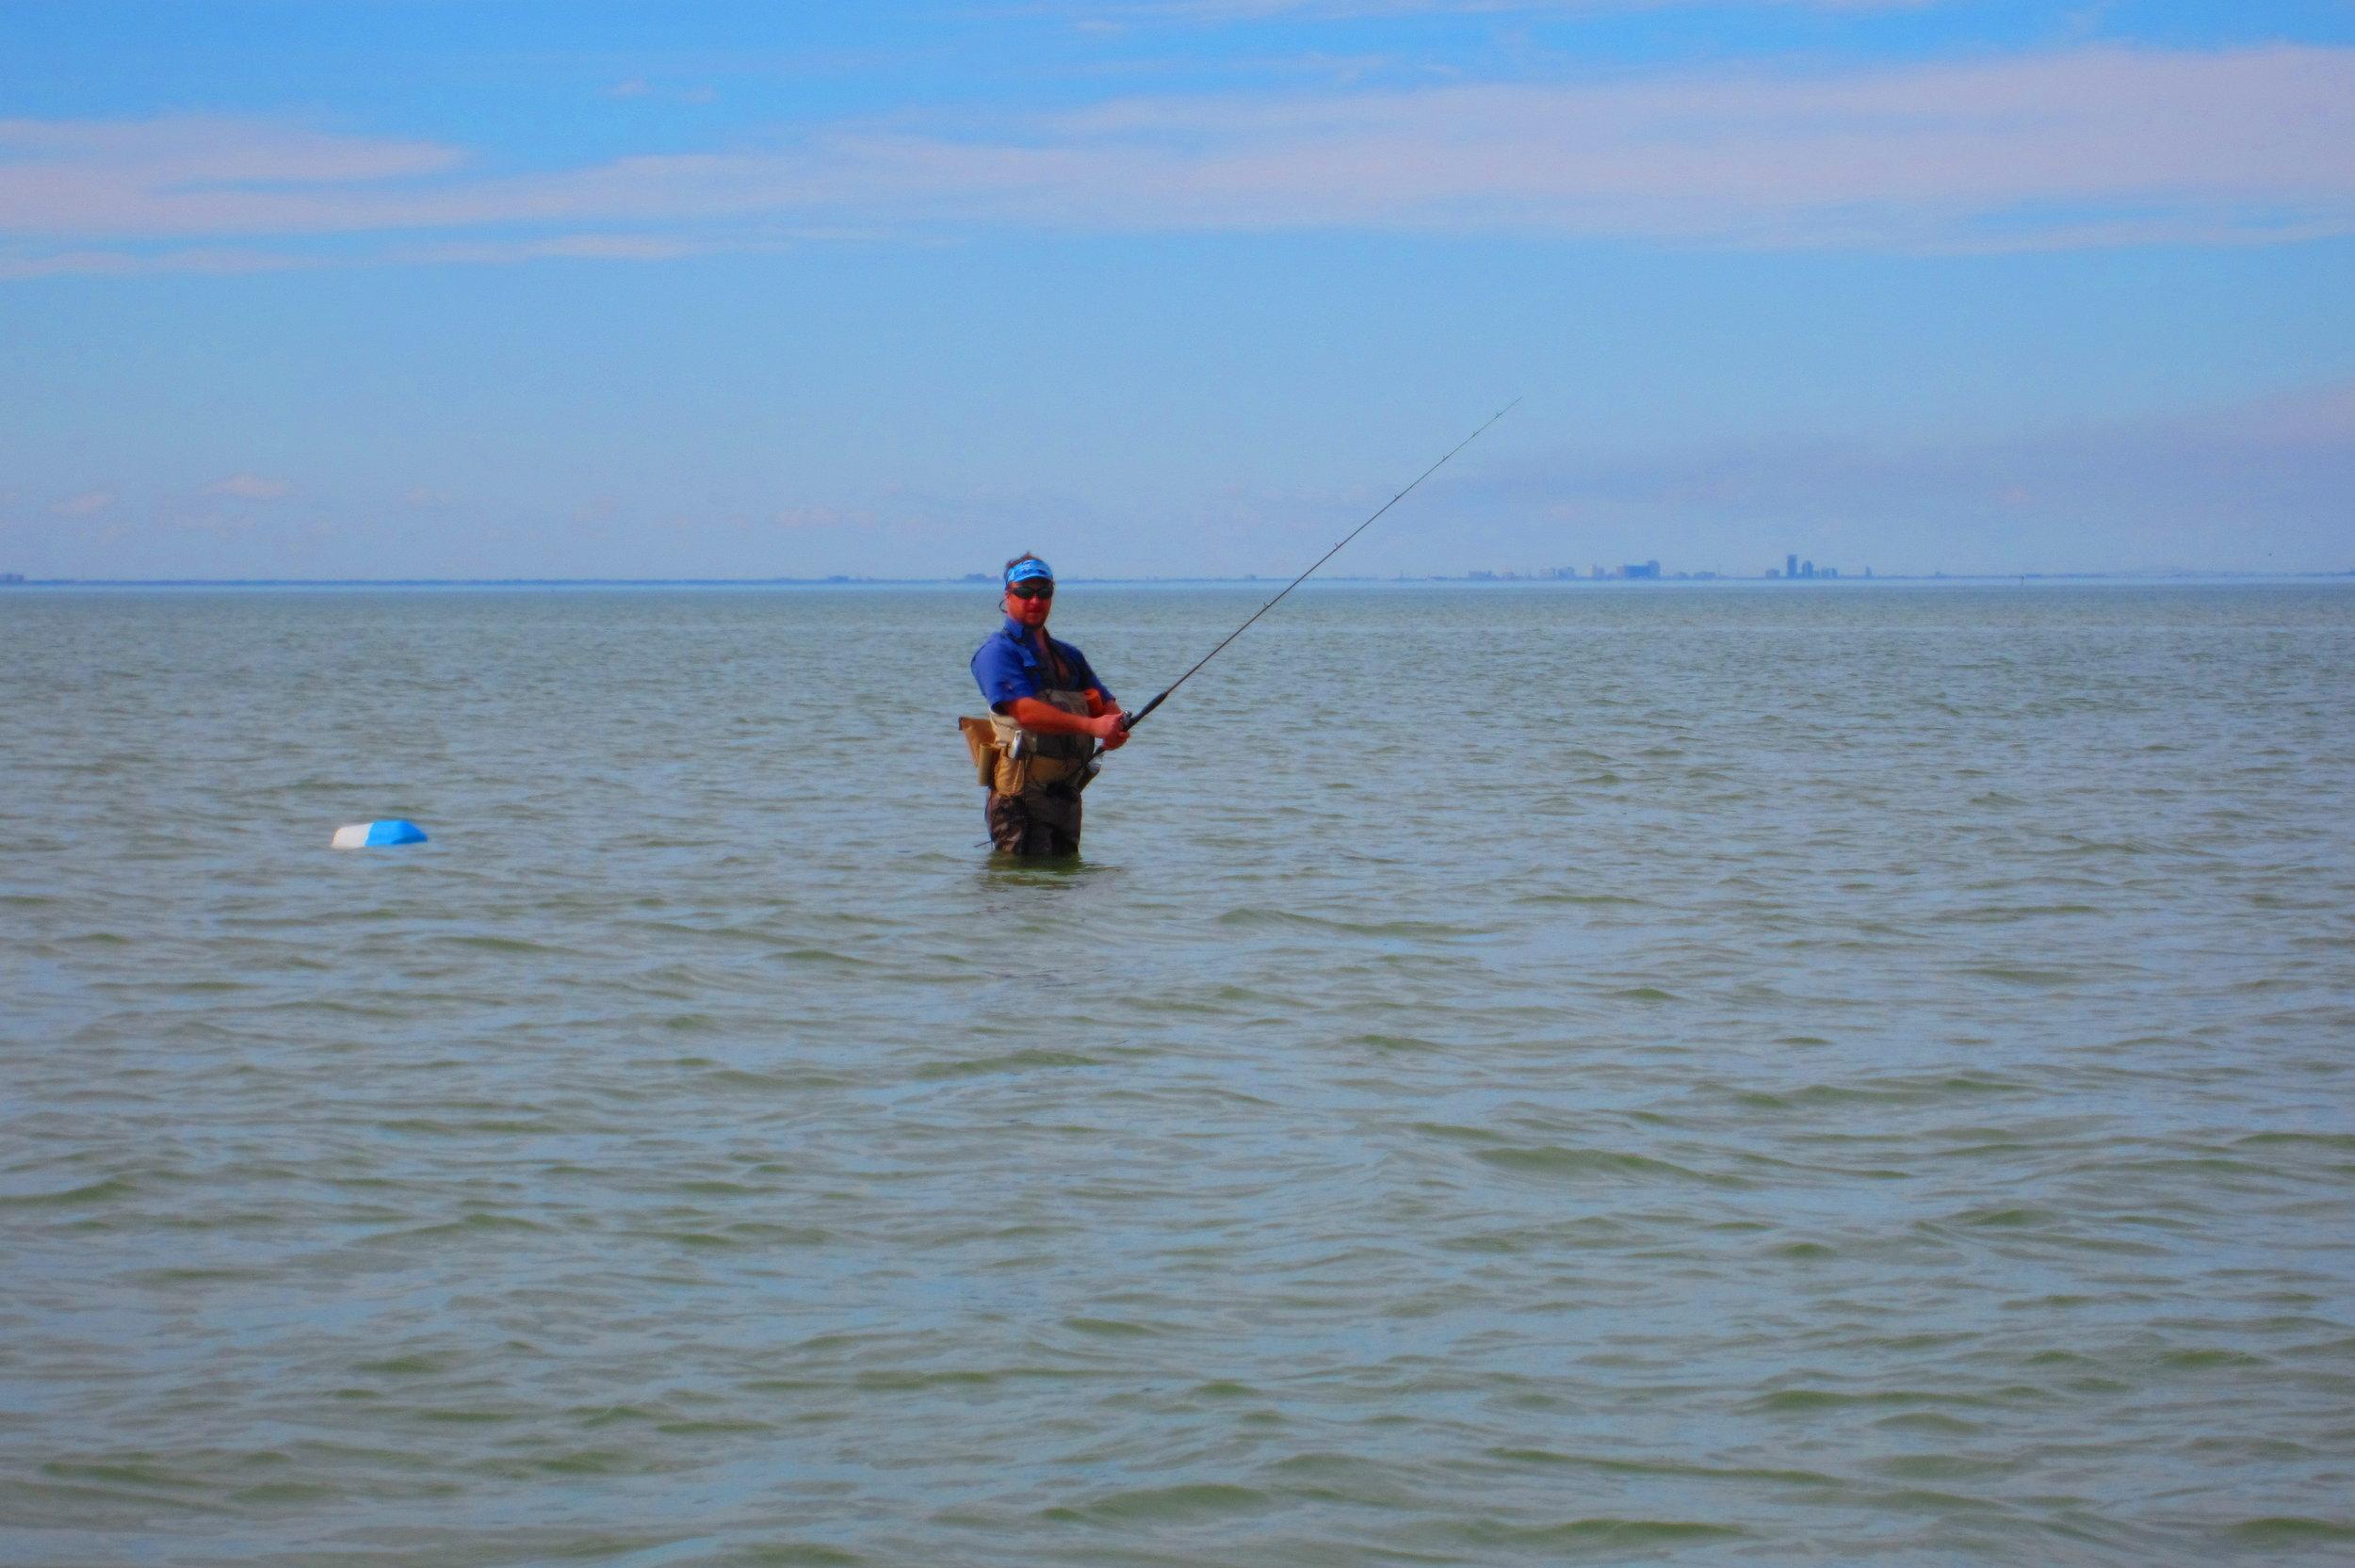 Wadefishing